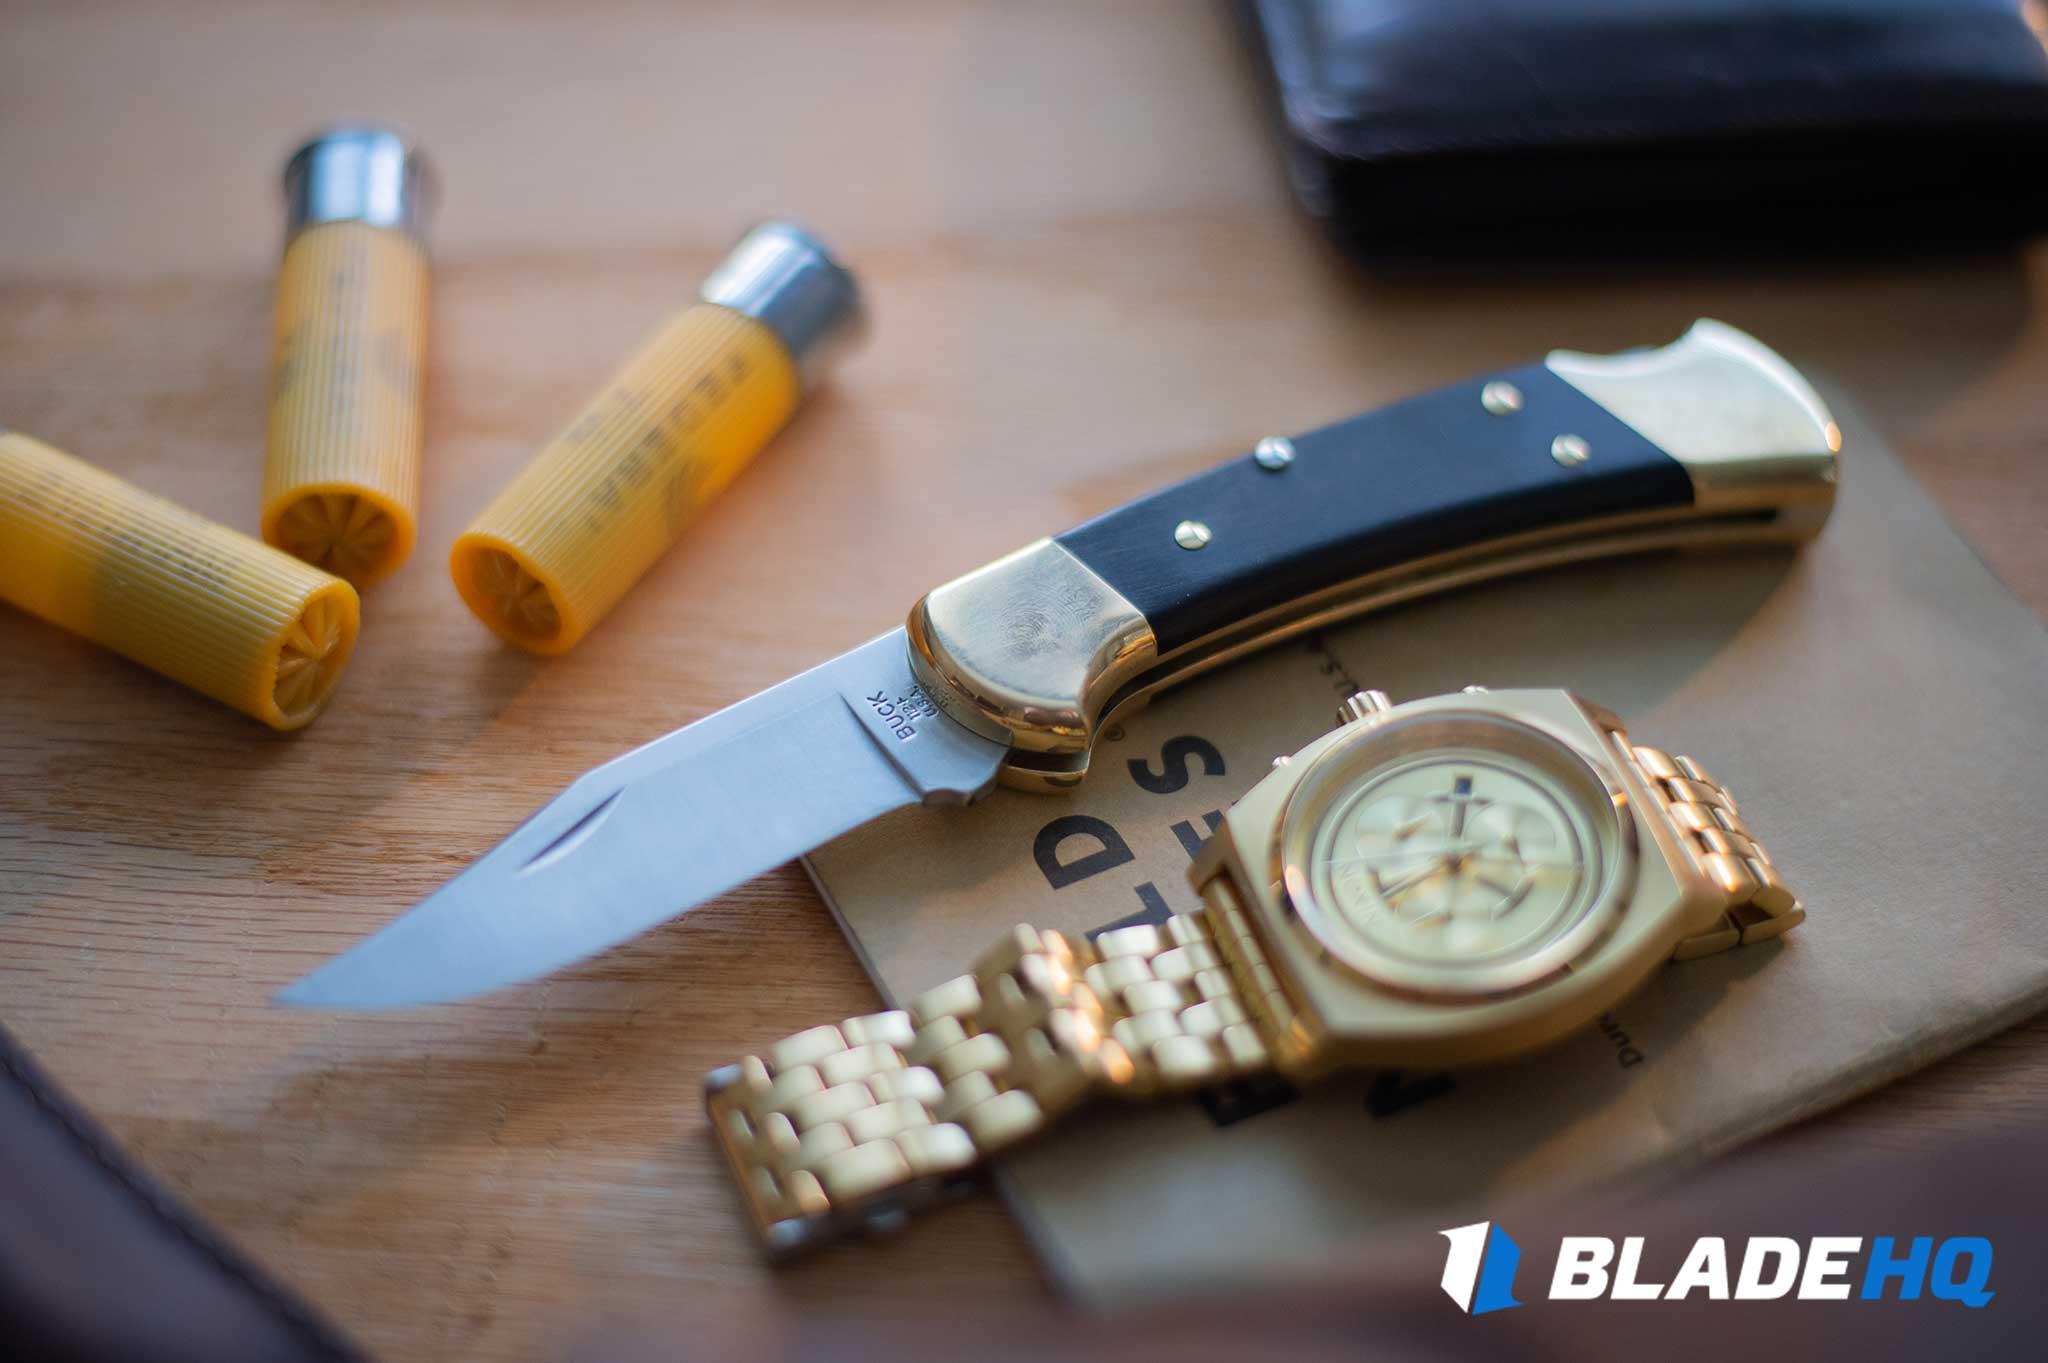 Buck 112 Knife Cut Test